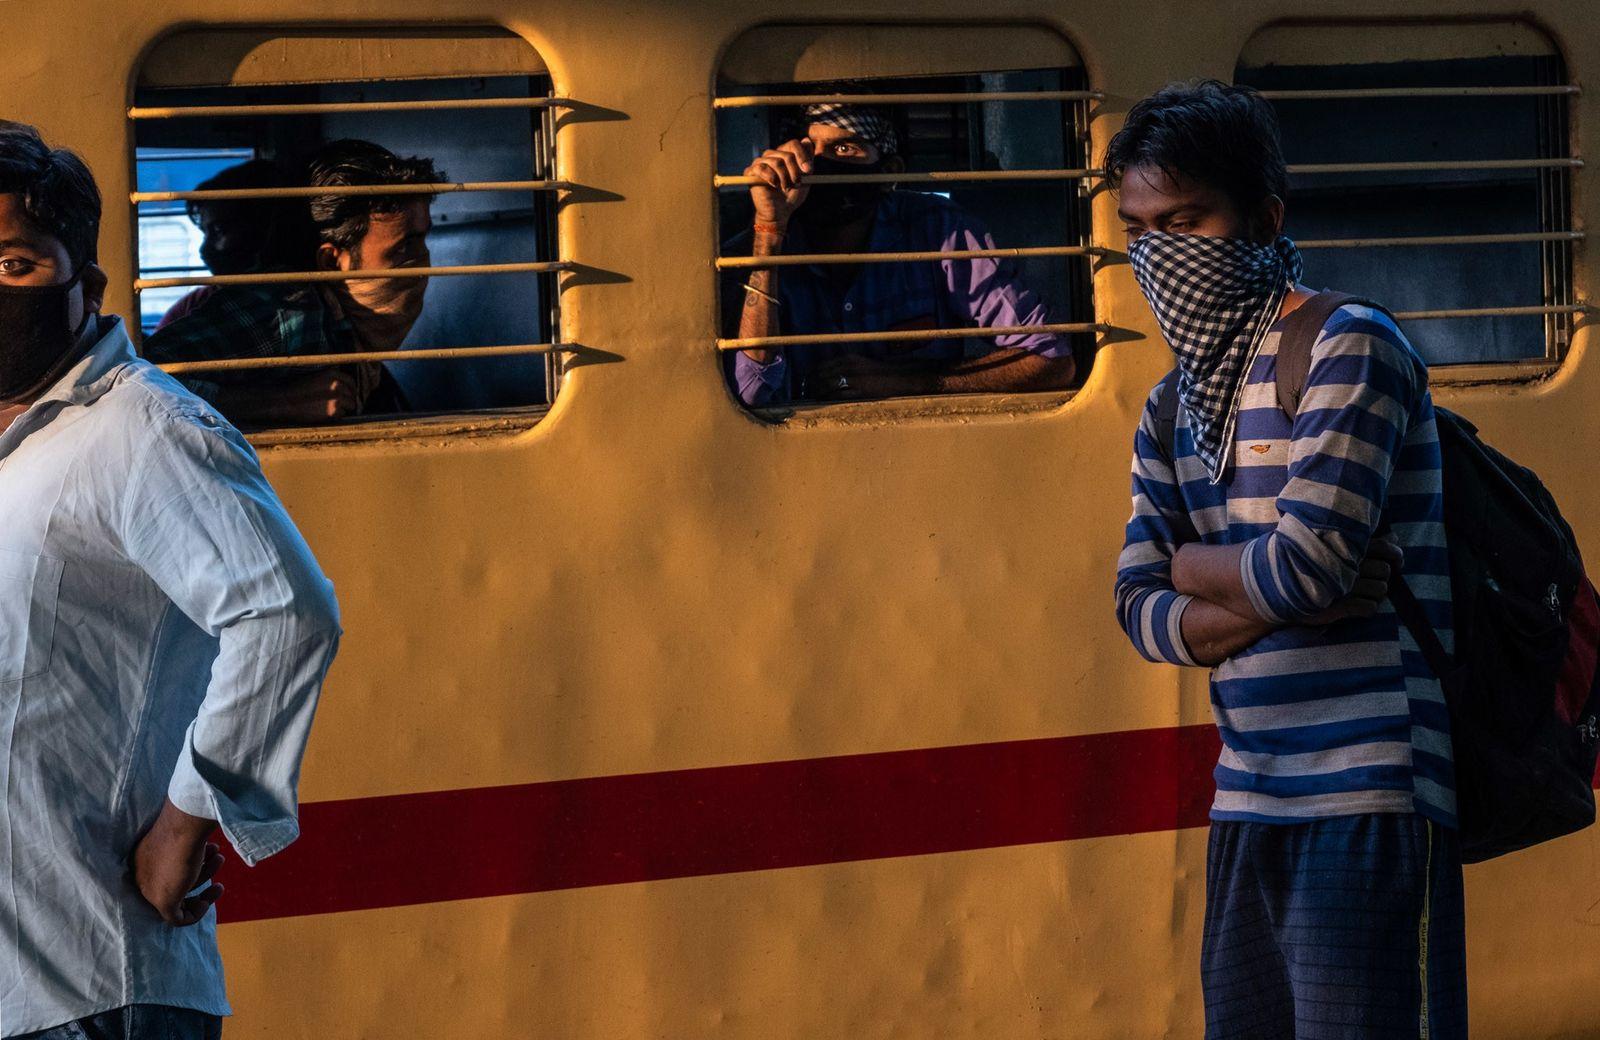 Trabajadores migrantes en el tren